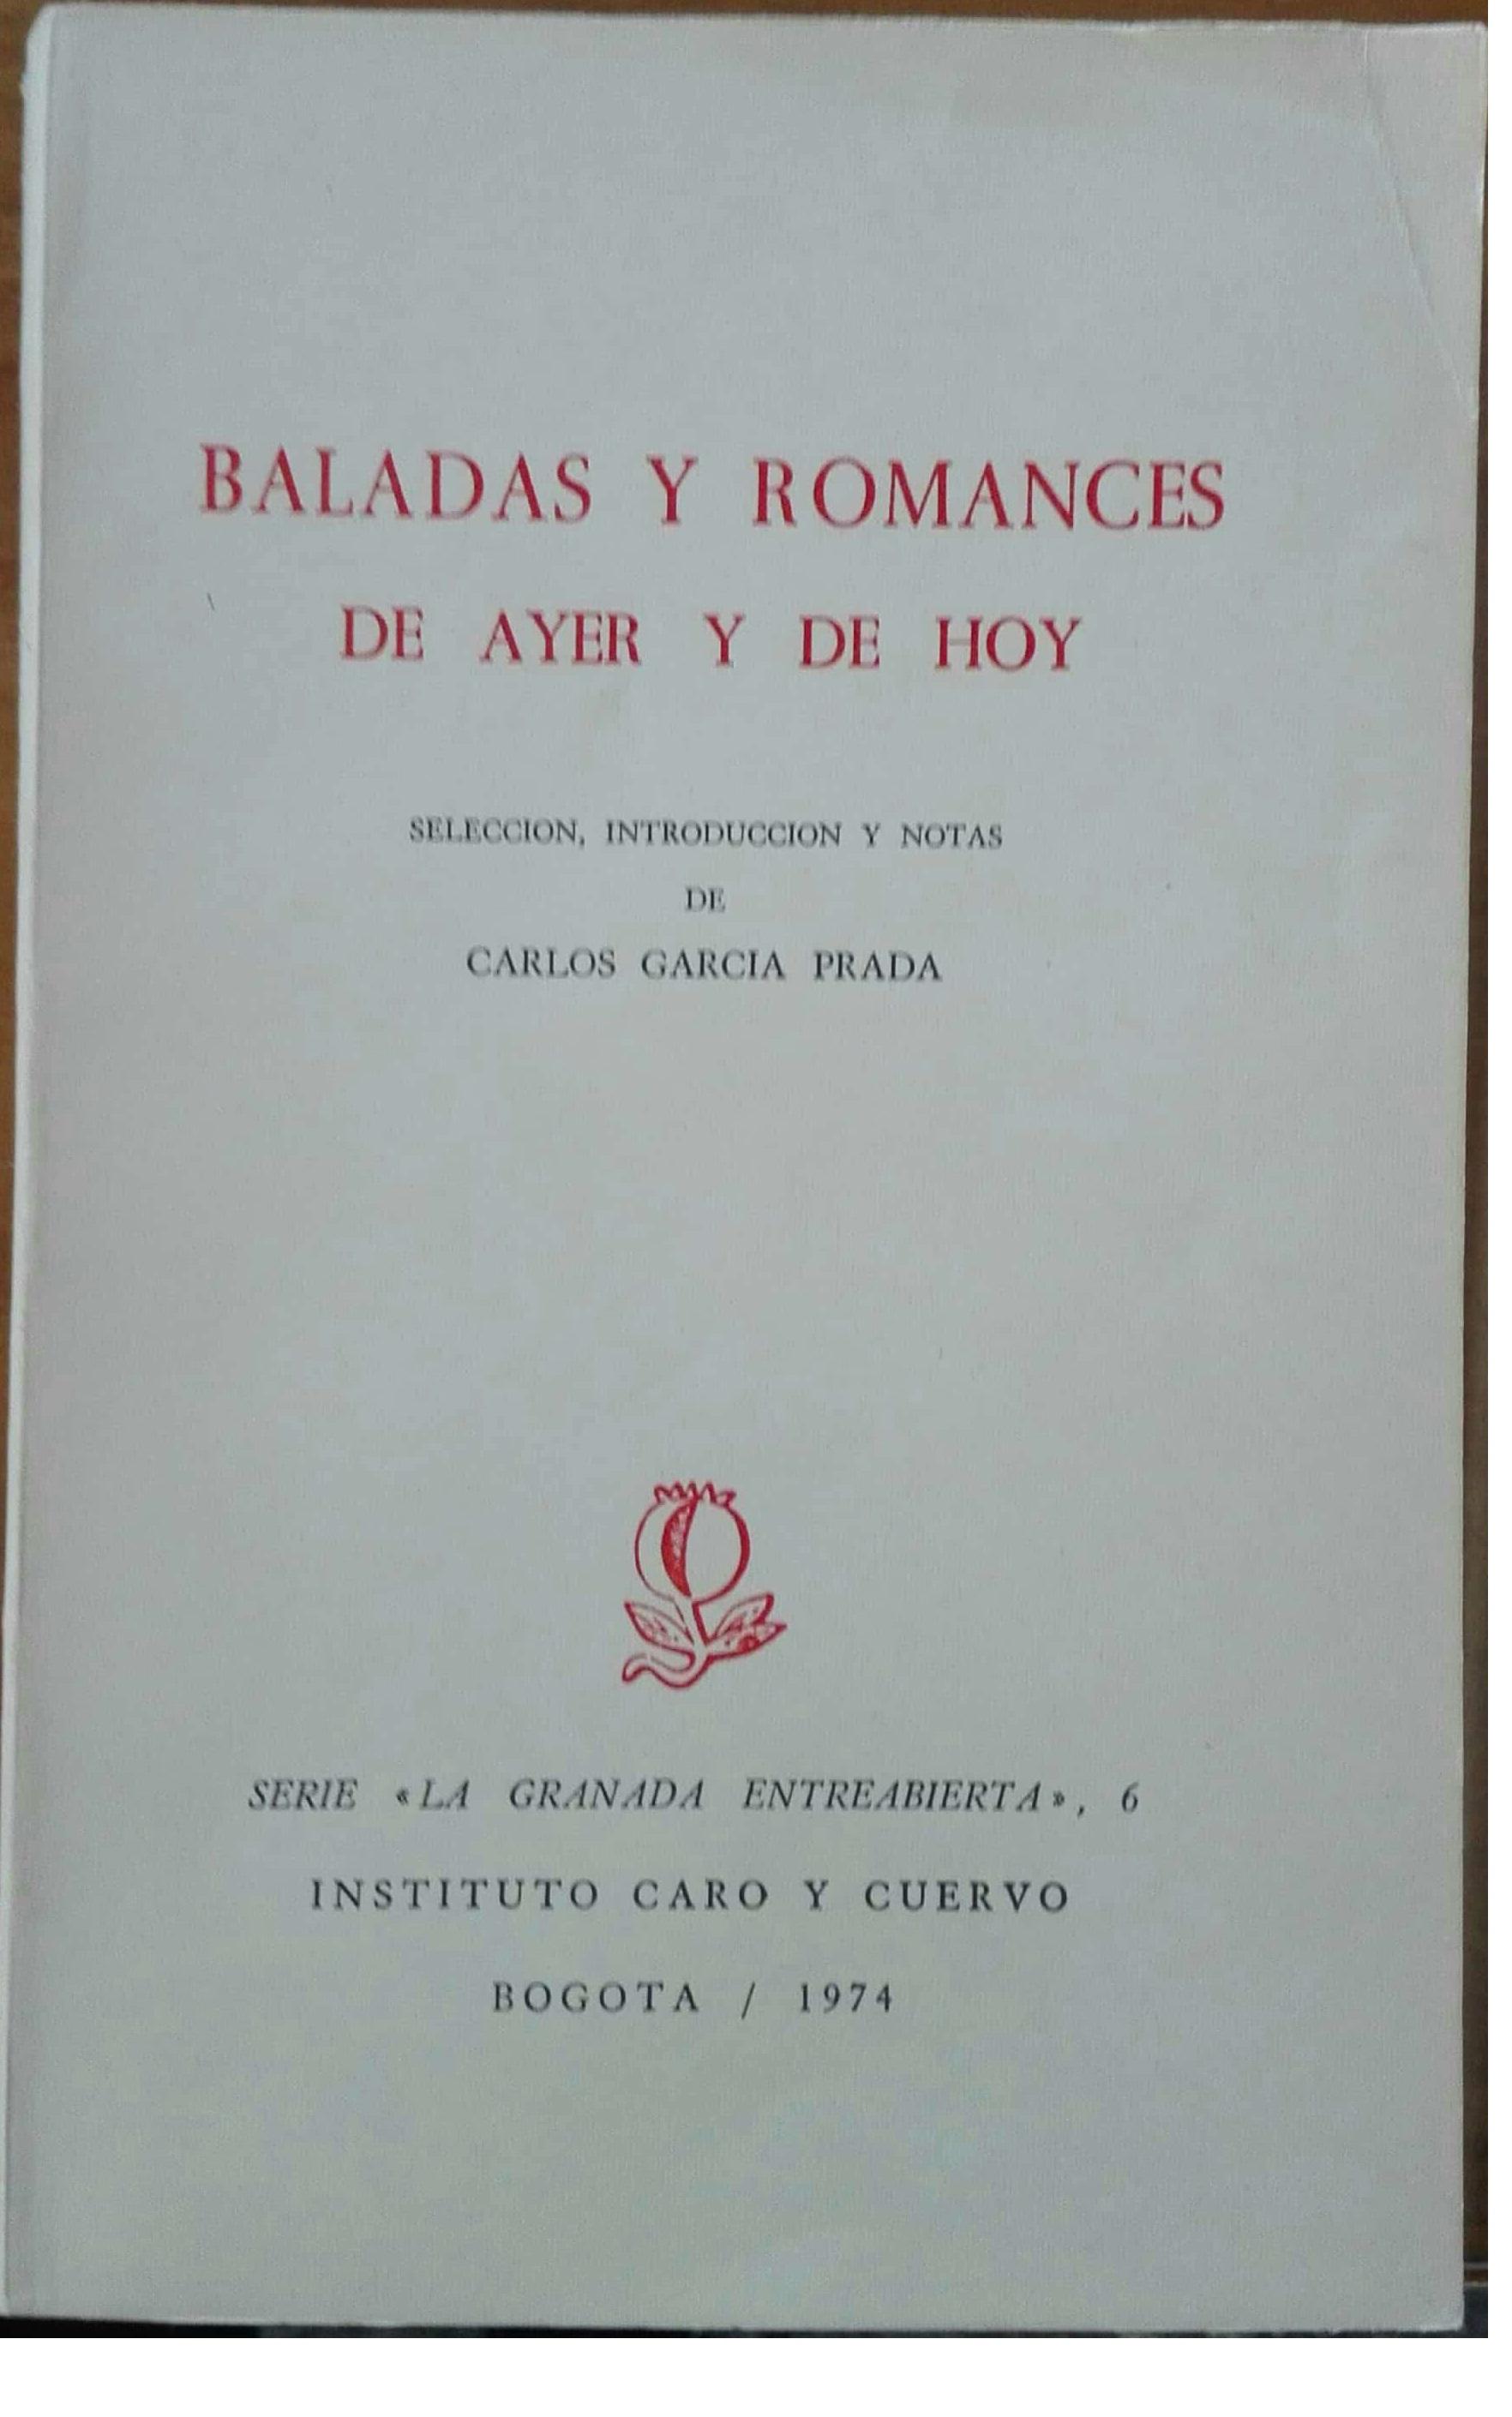 Baladas y romances de ayer y de hoy